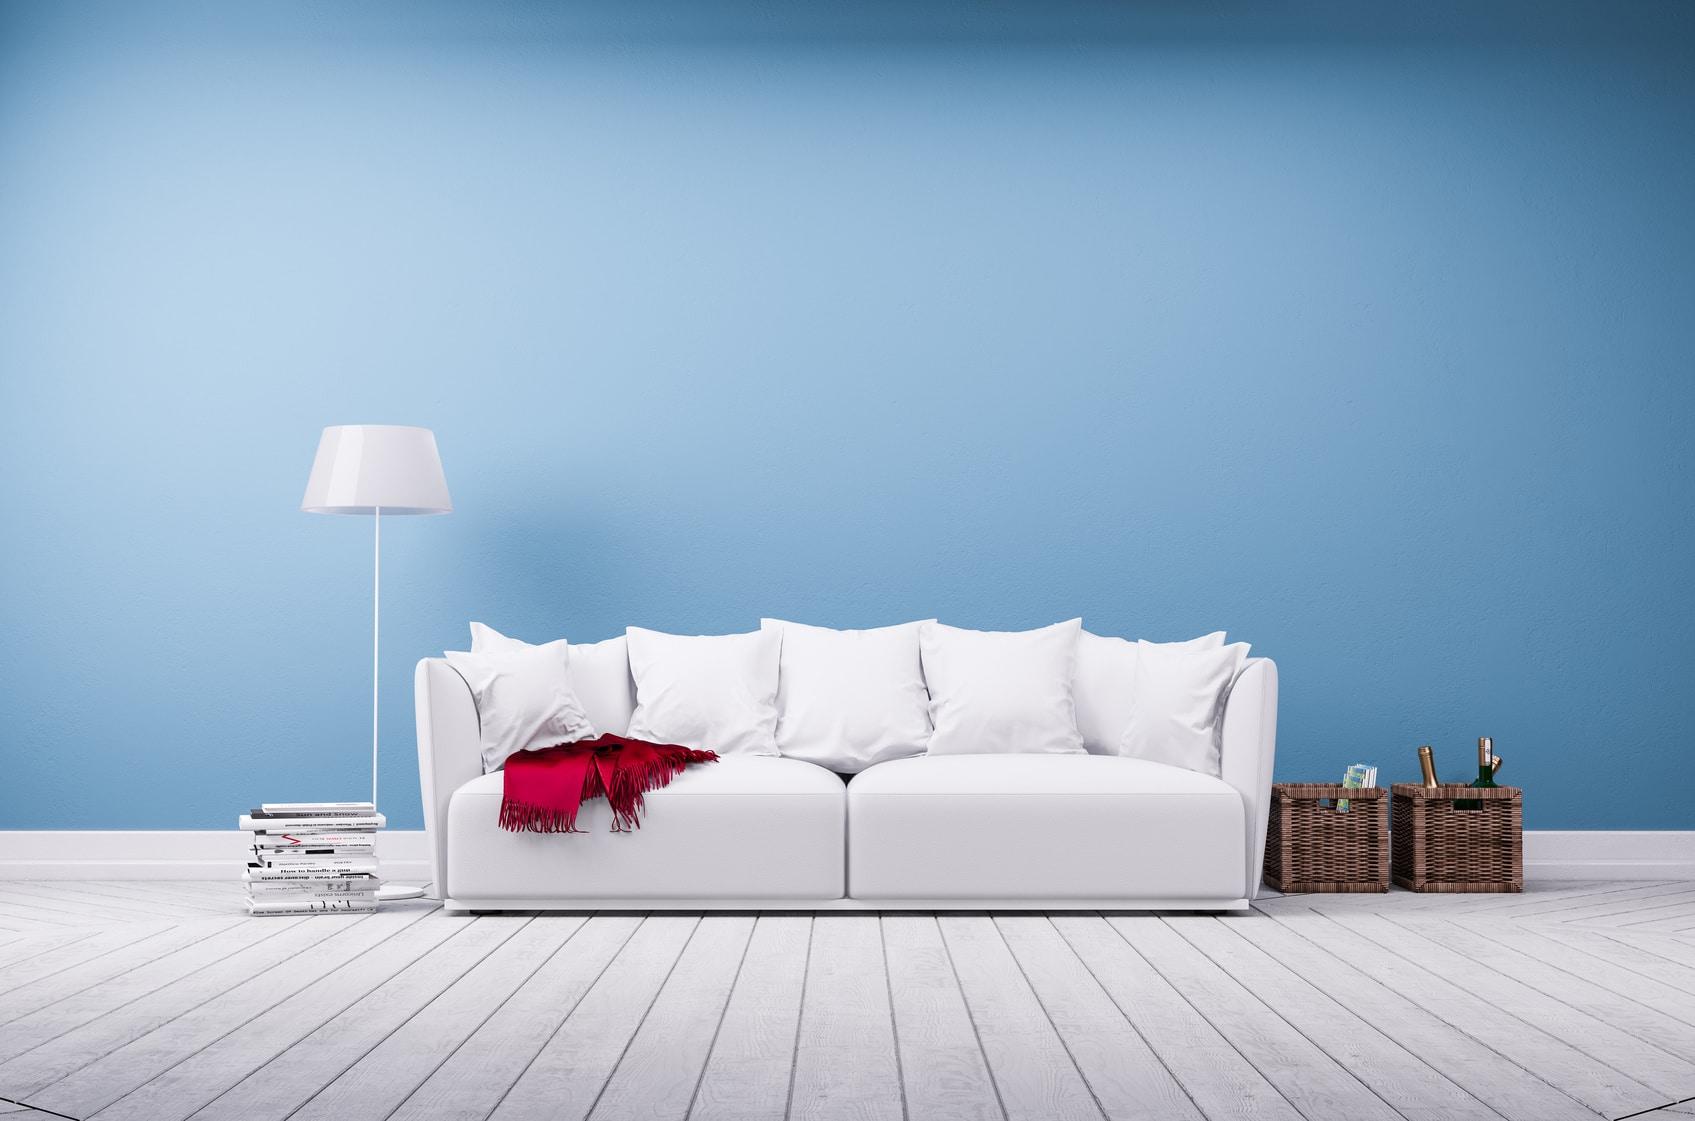 comment nettoyer du stylo bille sur du cuir les astucieux. Black Bedroom Furniture Sets. Home Design Ideas